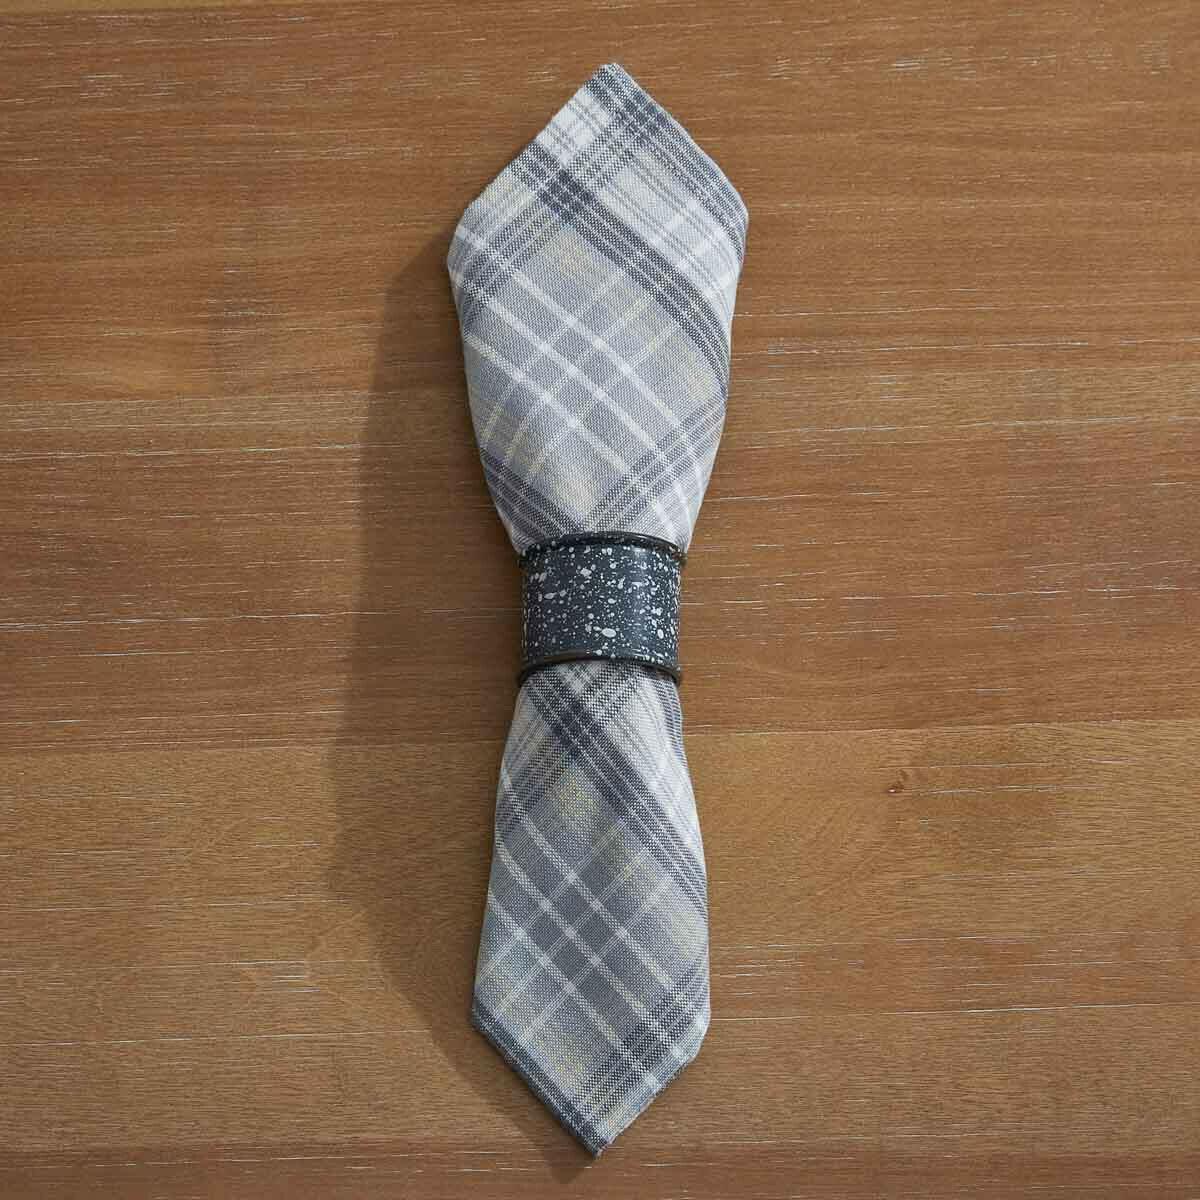 Granite Enamelware Gray Napkin Ring